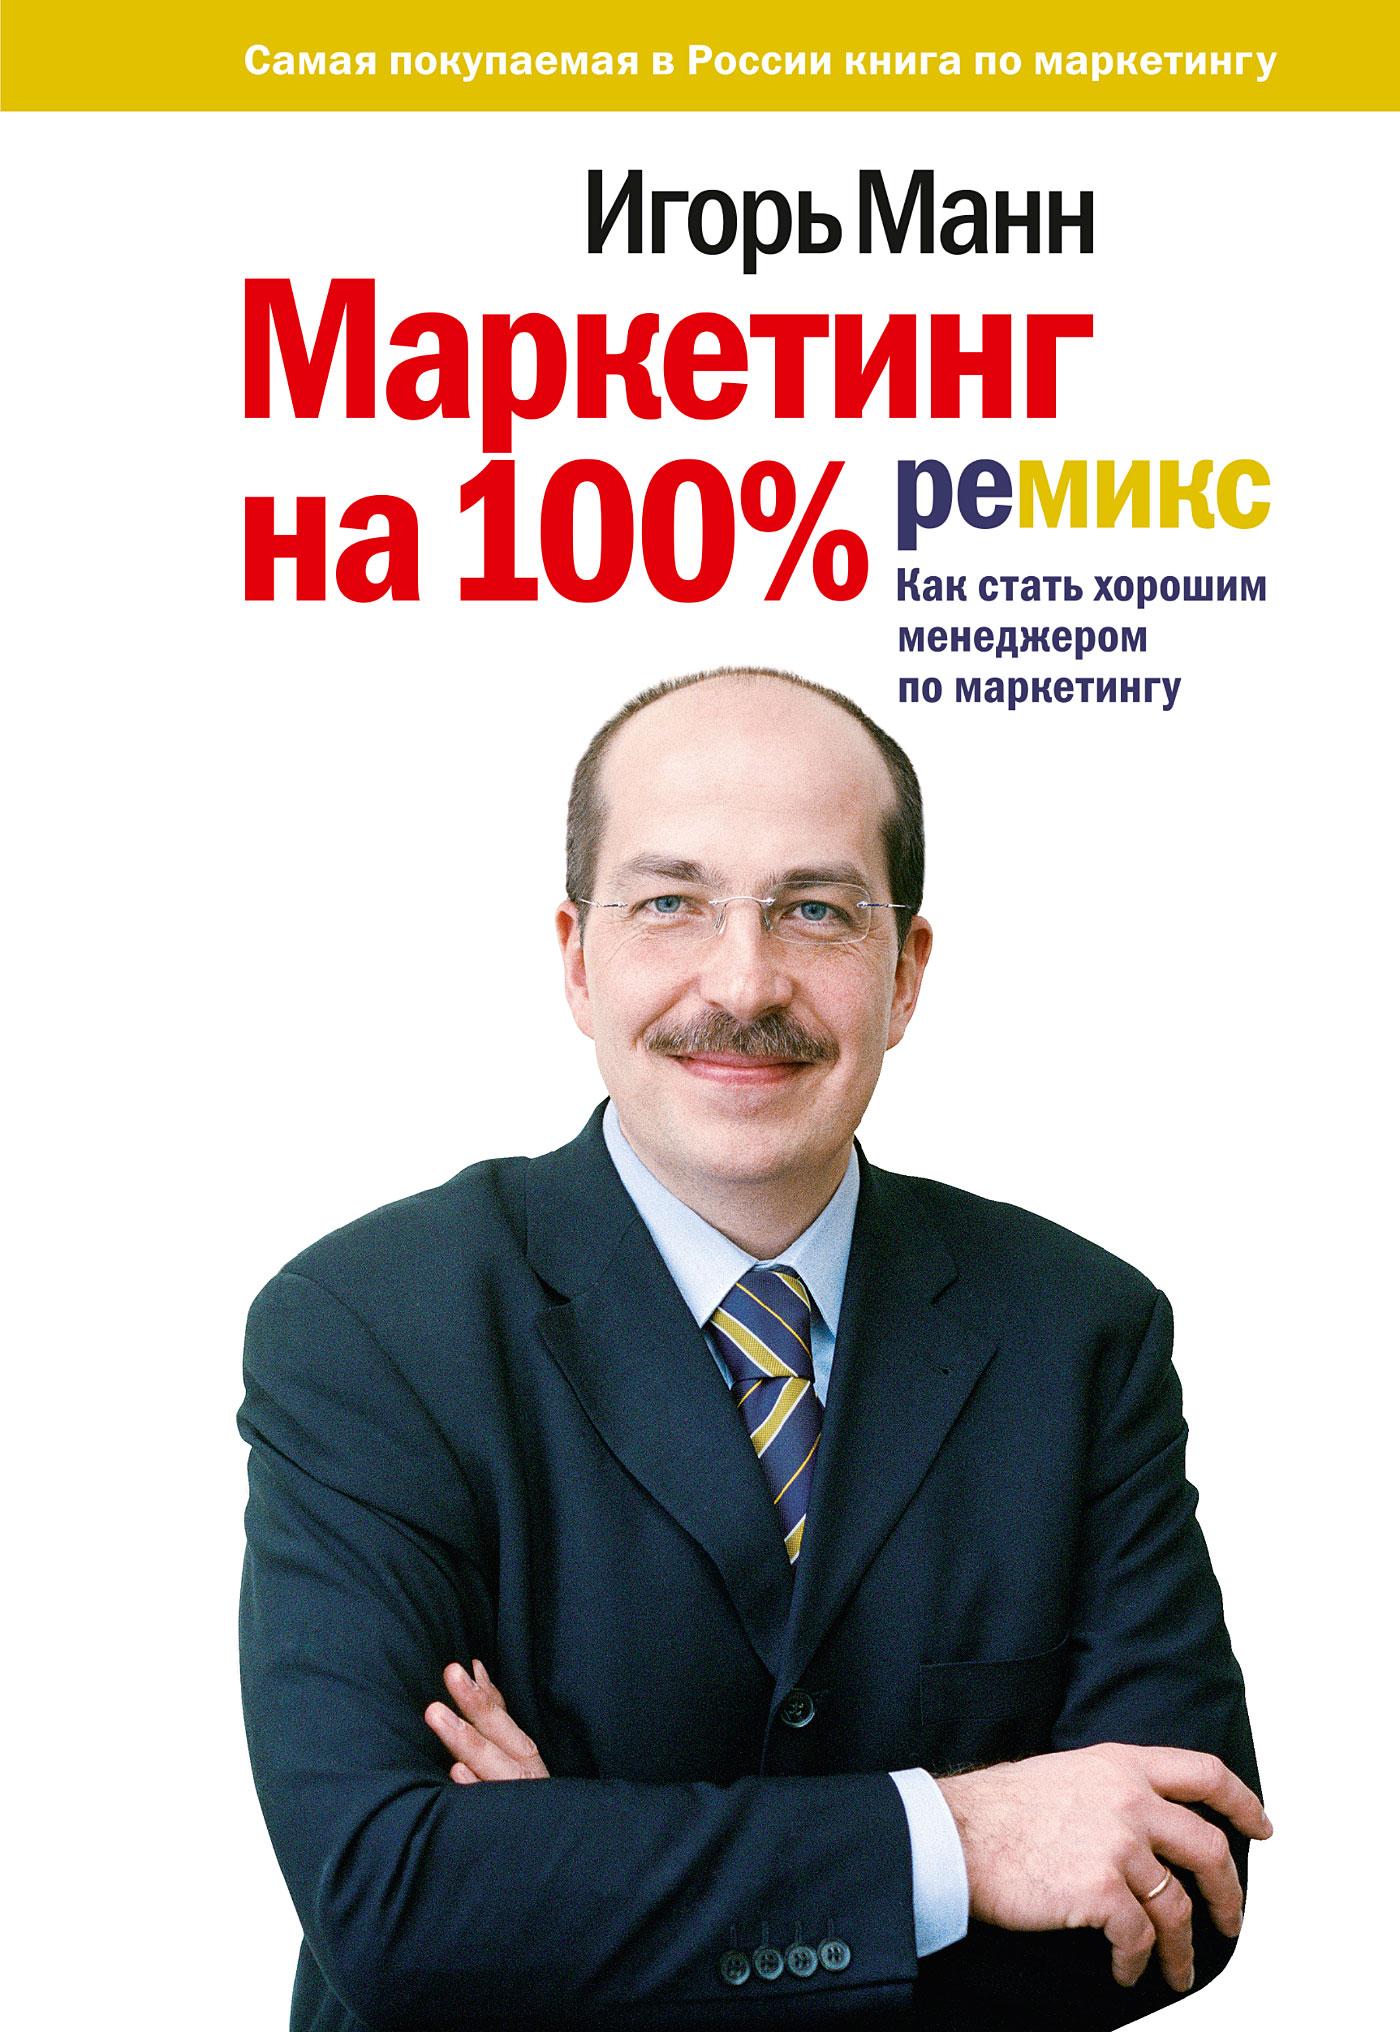 Игорь Манн «Маркетинг на 100%: ремикс: Как стать хорошим менеджером по маркетингу»